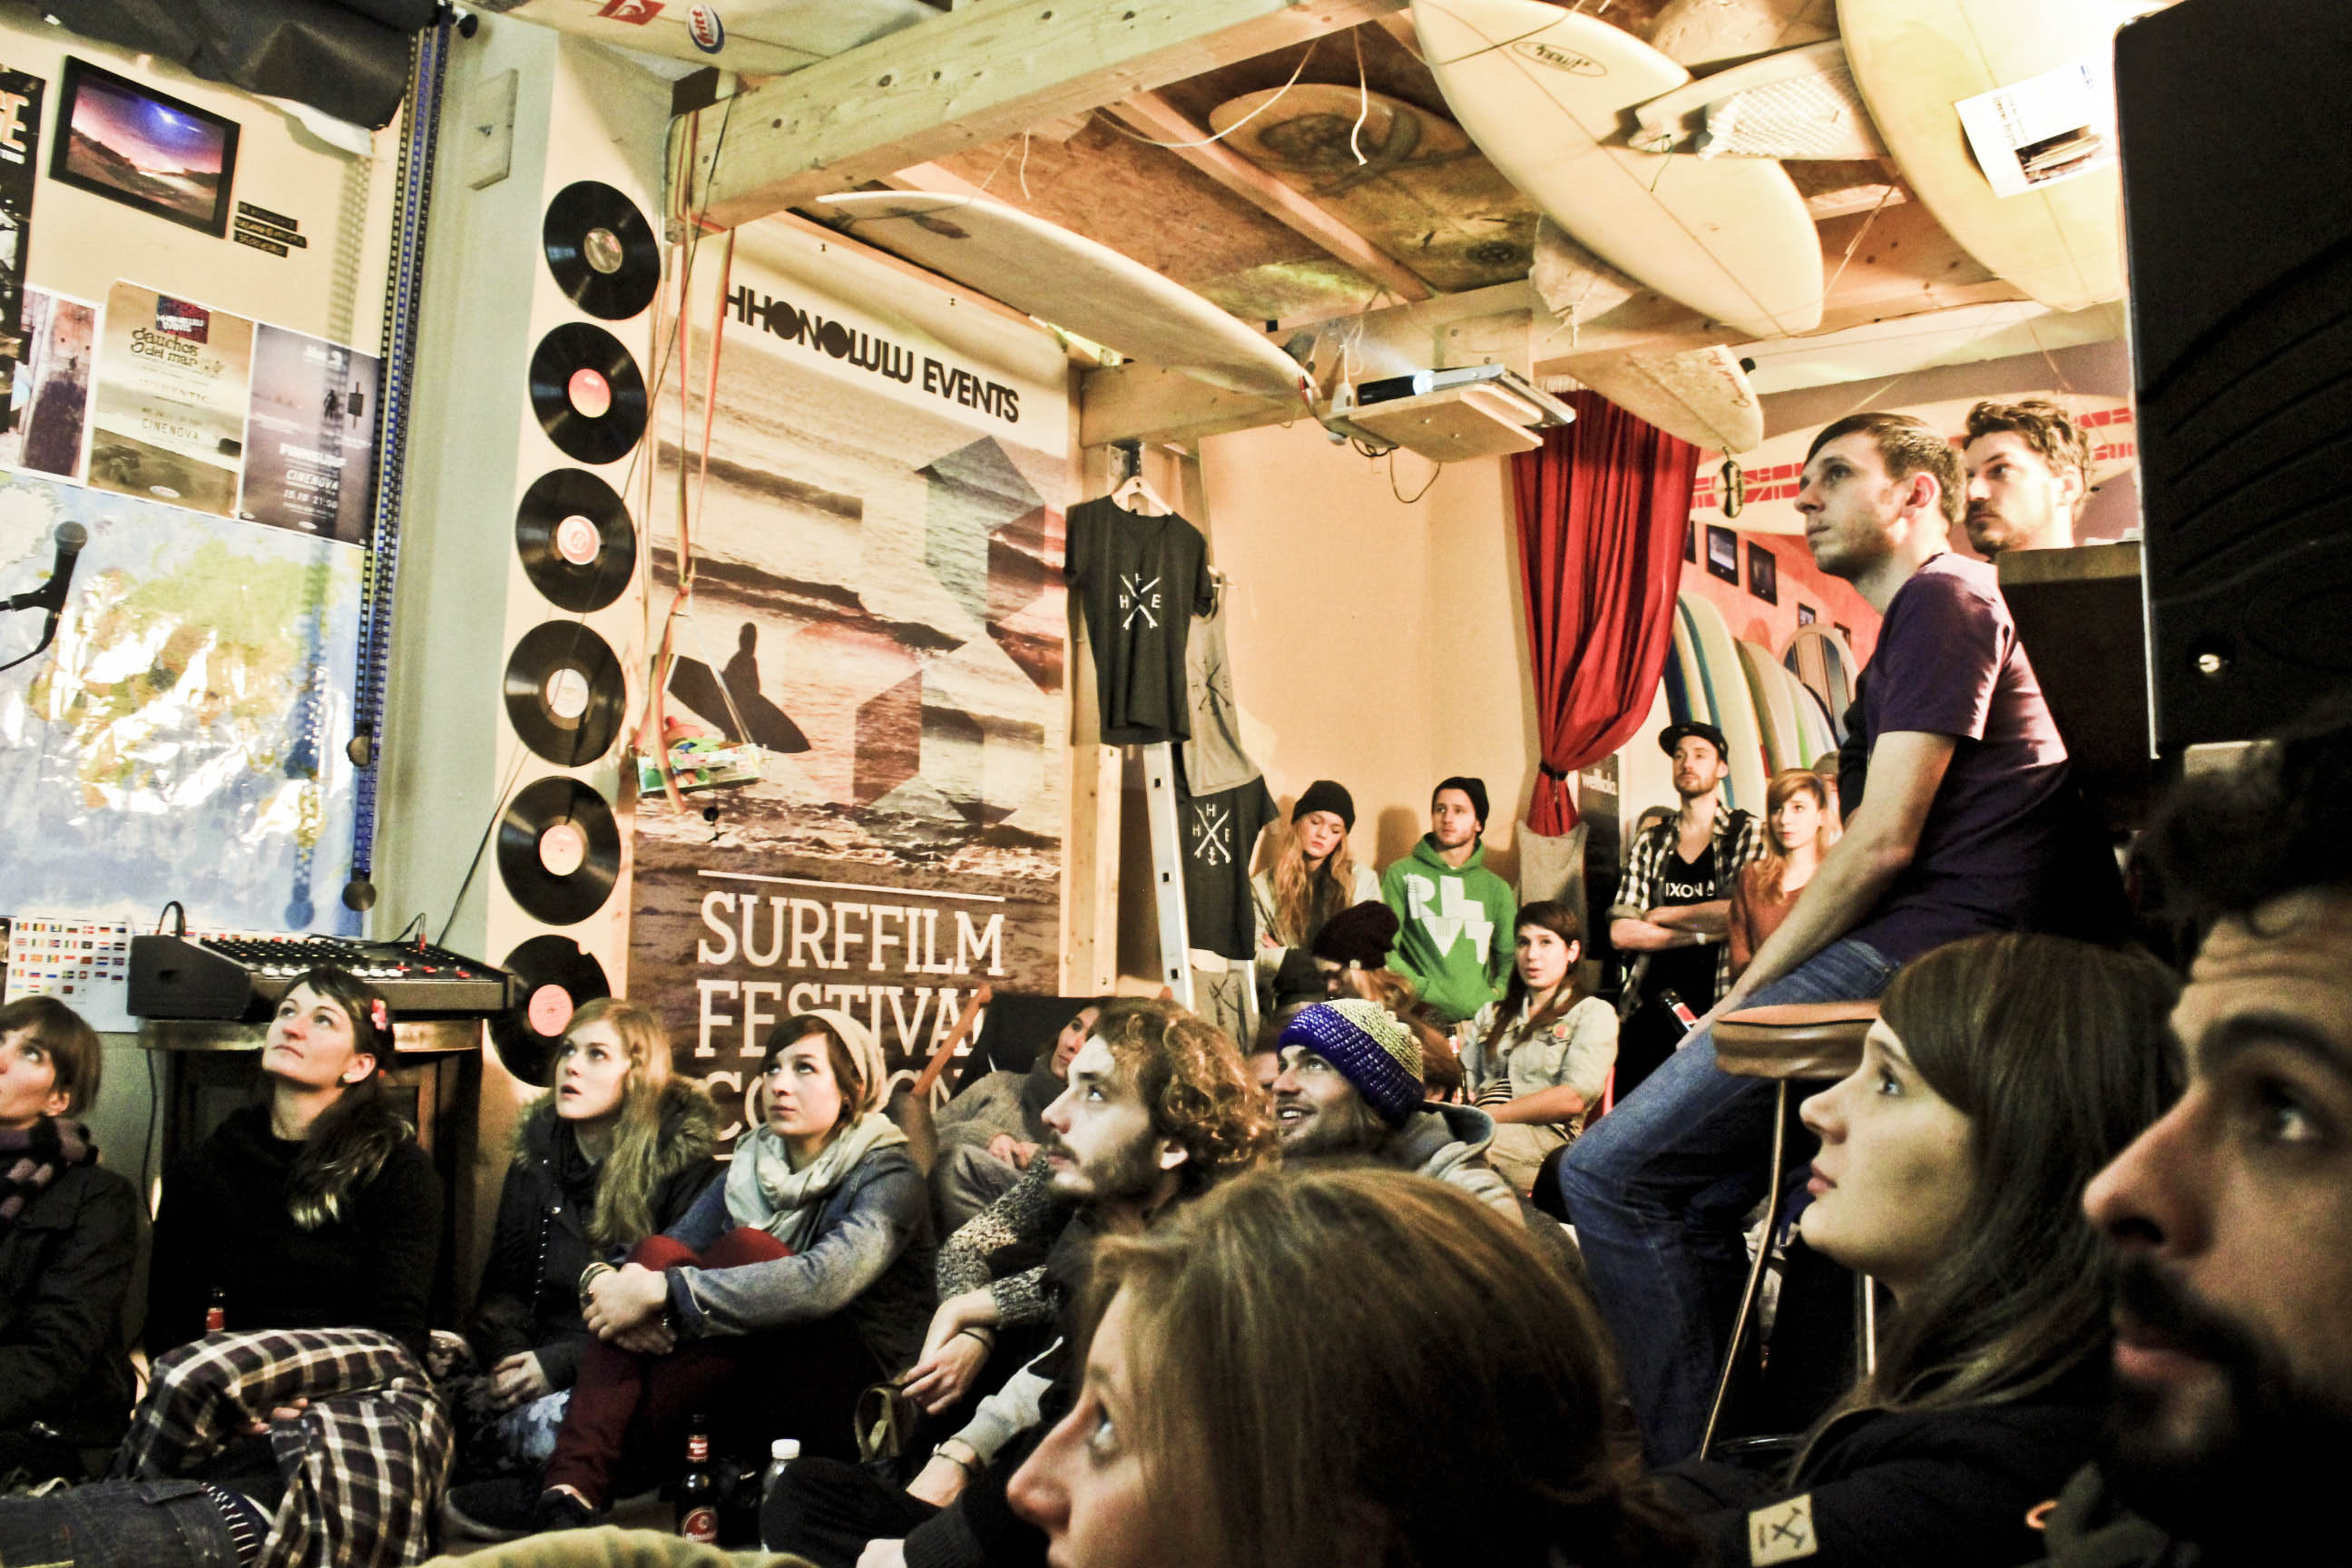 surffilmfestival_cologne(c)HHonoluluEvents_2